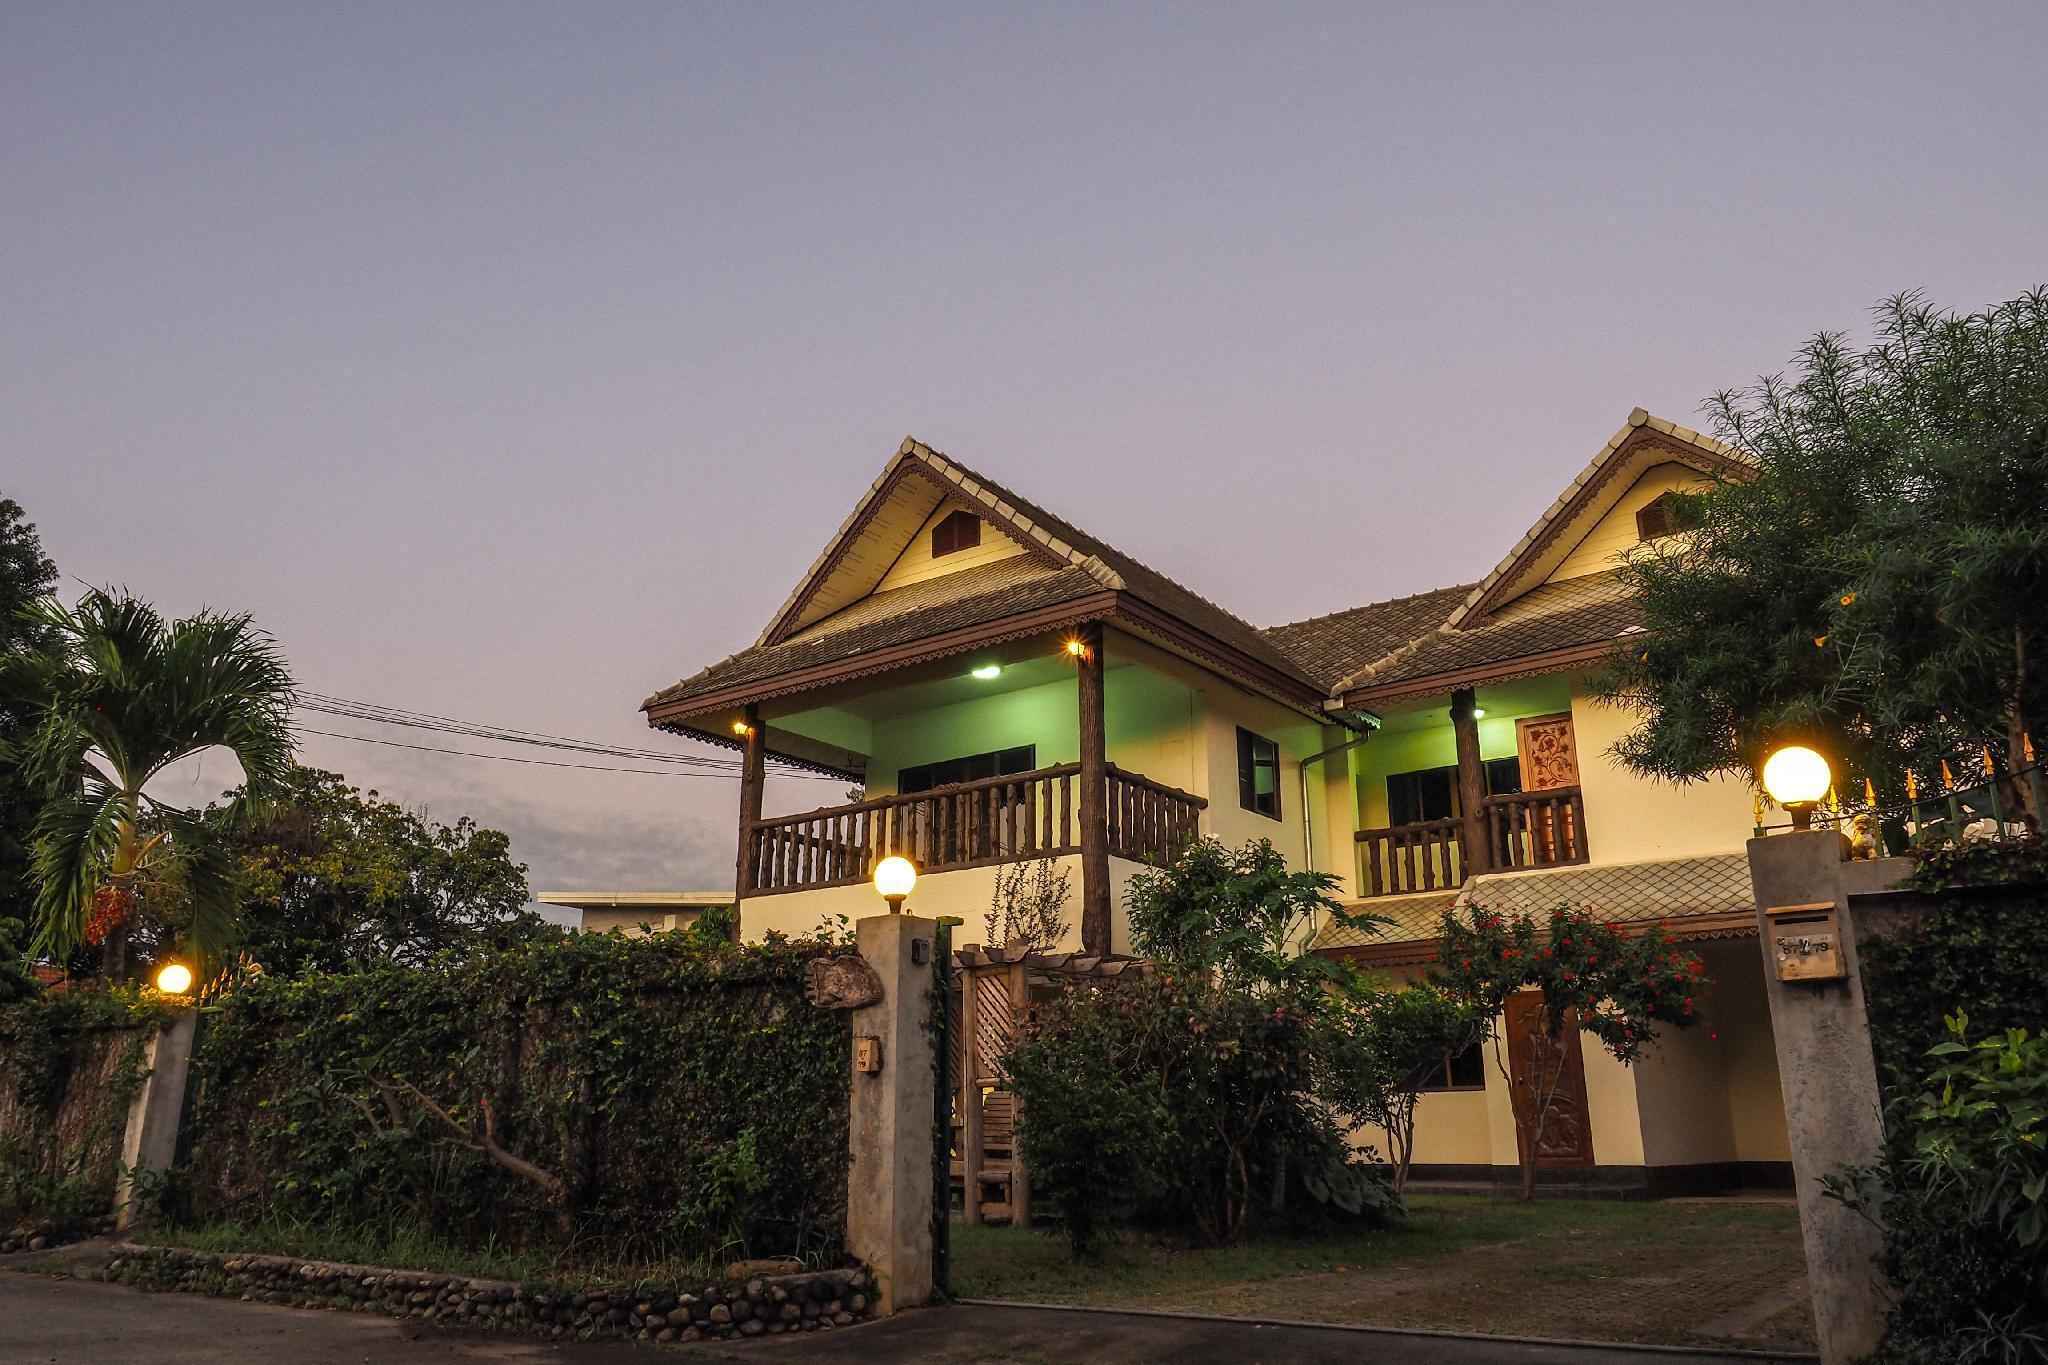 Ashira House วิลลา 5 ห้องนอน 5 ห้องน้ำส่วนตัว ขนาด 142 ตร.ม. – สันผีเสื้อ